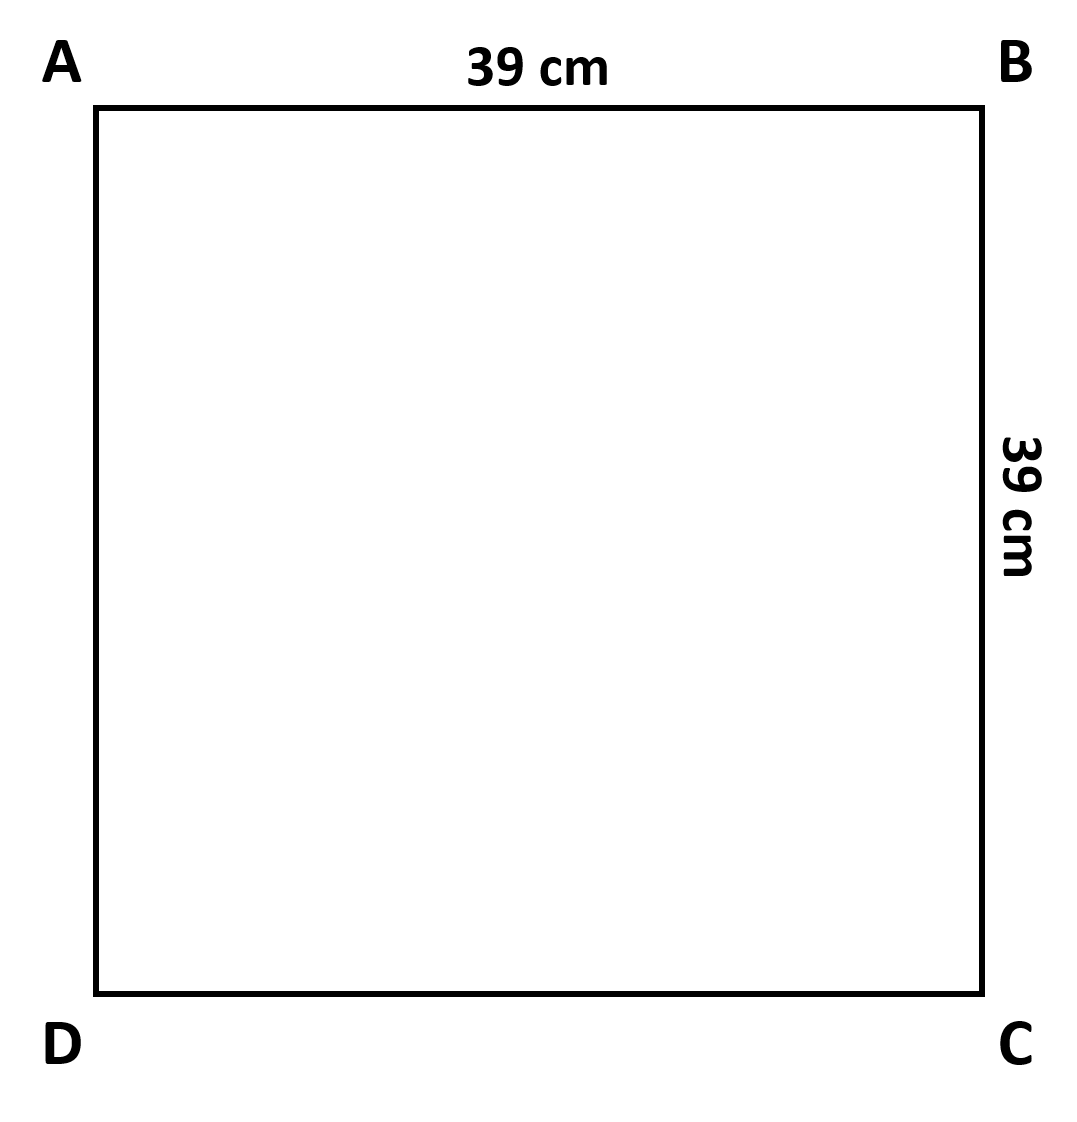 Gambar Segiempat 39x39